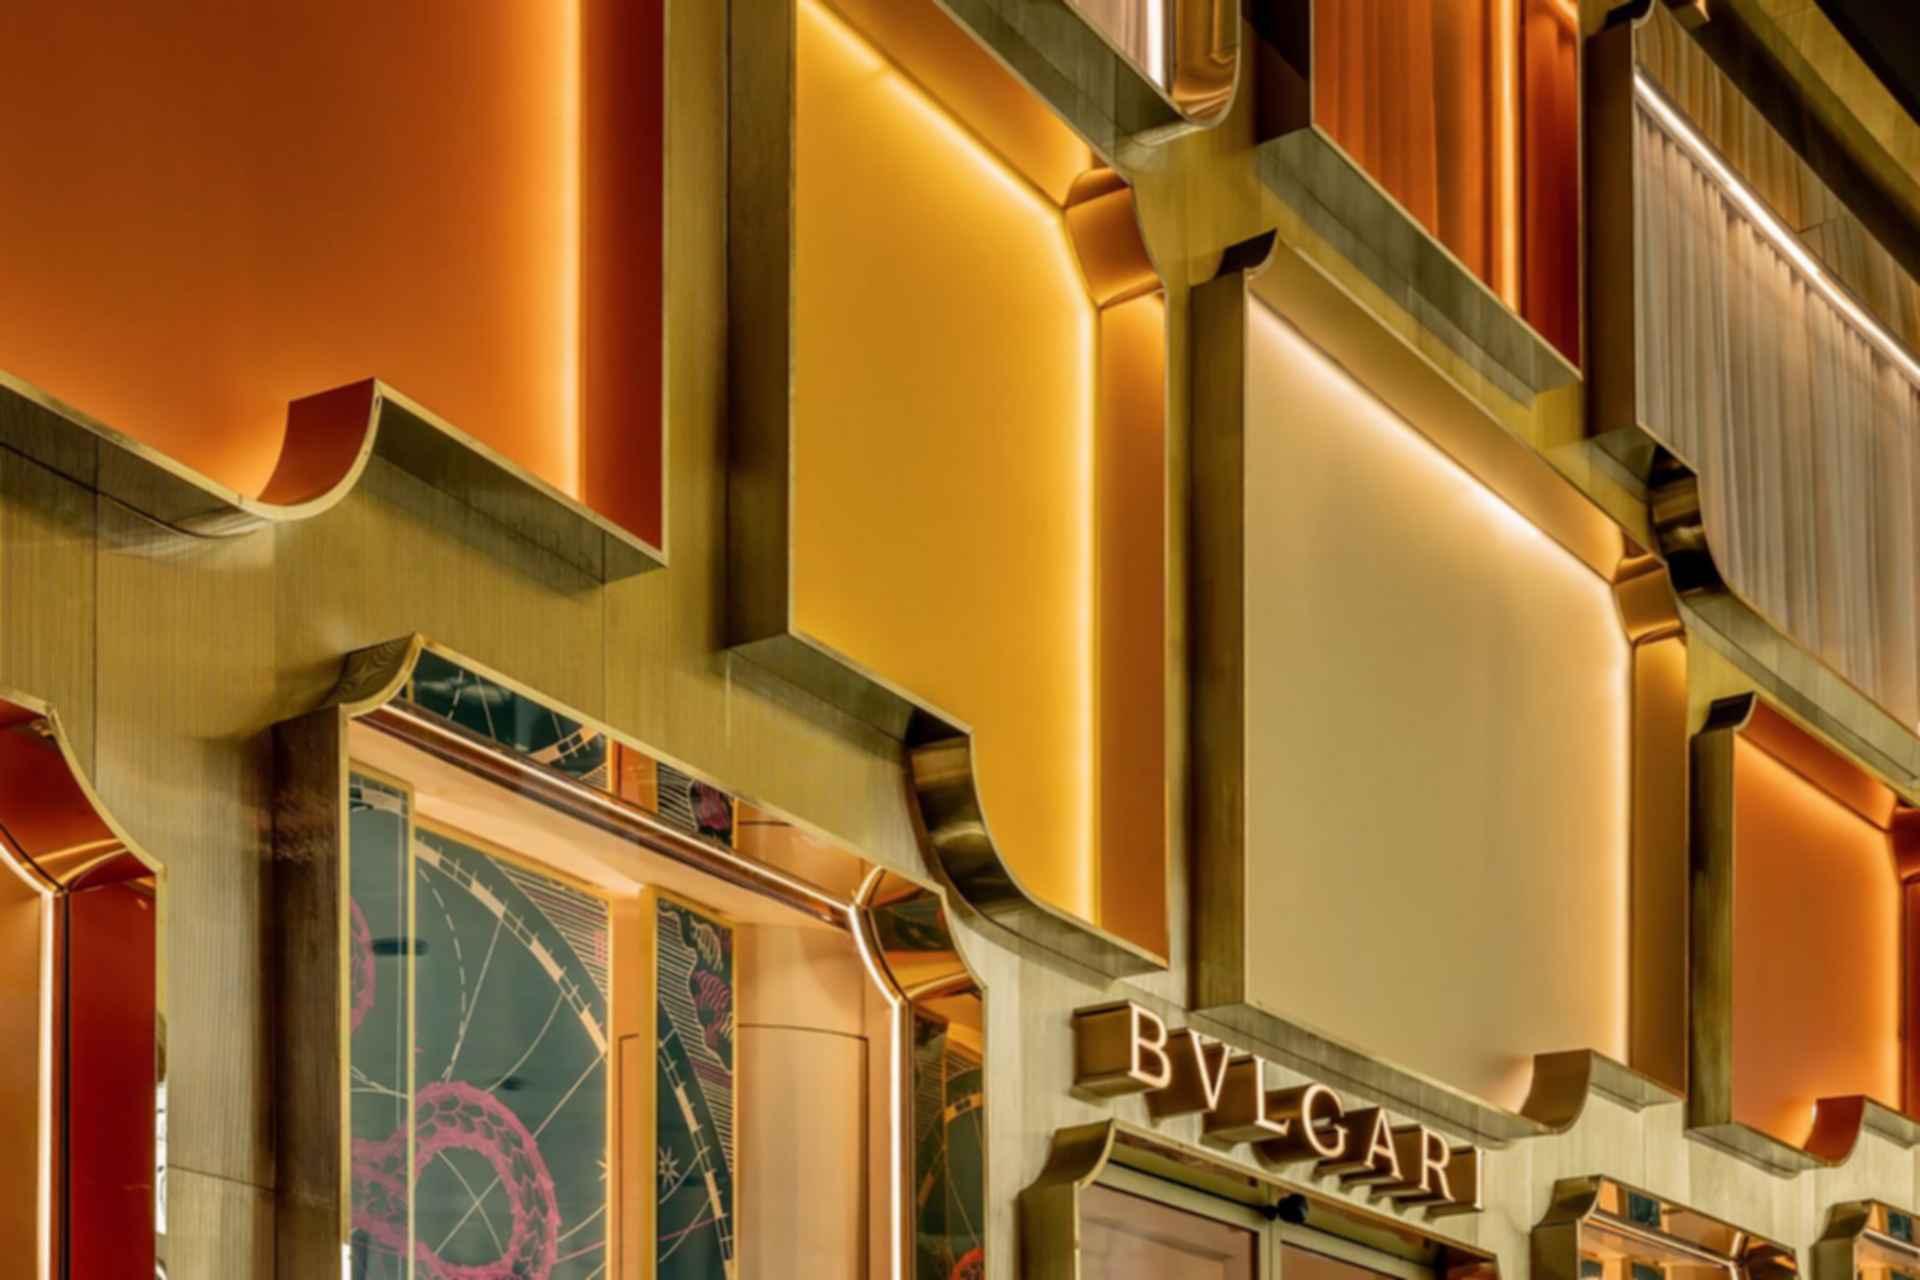 Bvlgari Bangkok Flagship Store - Window Detail